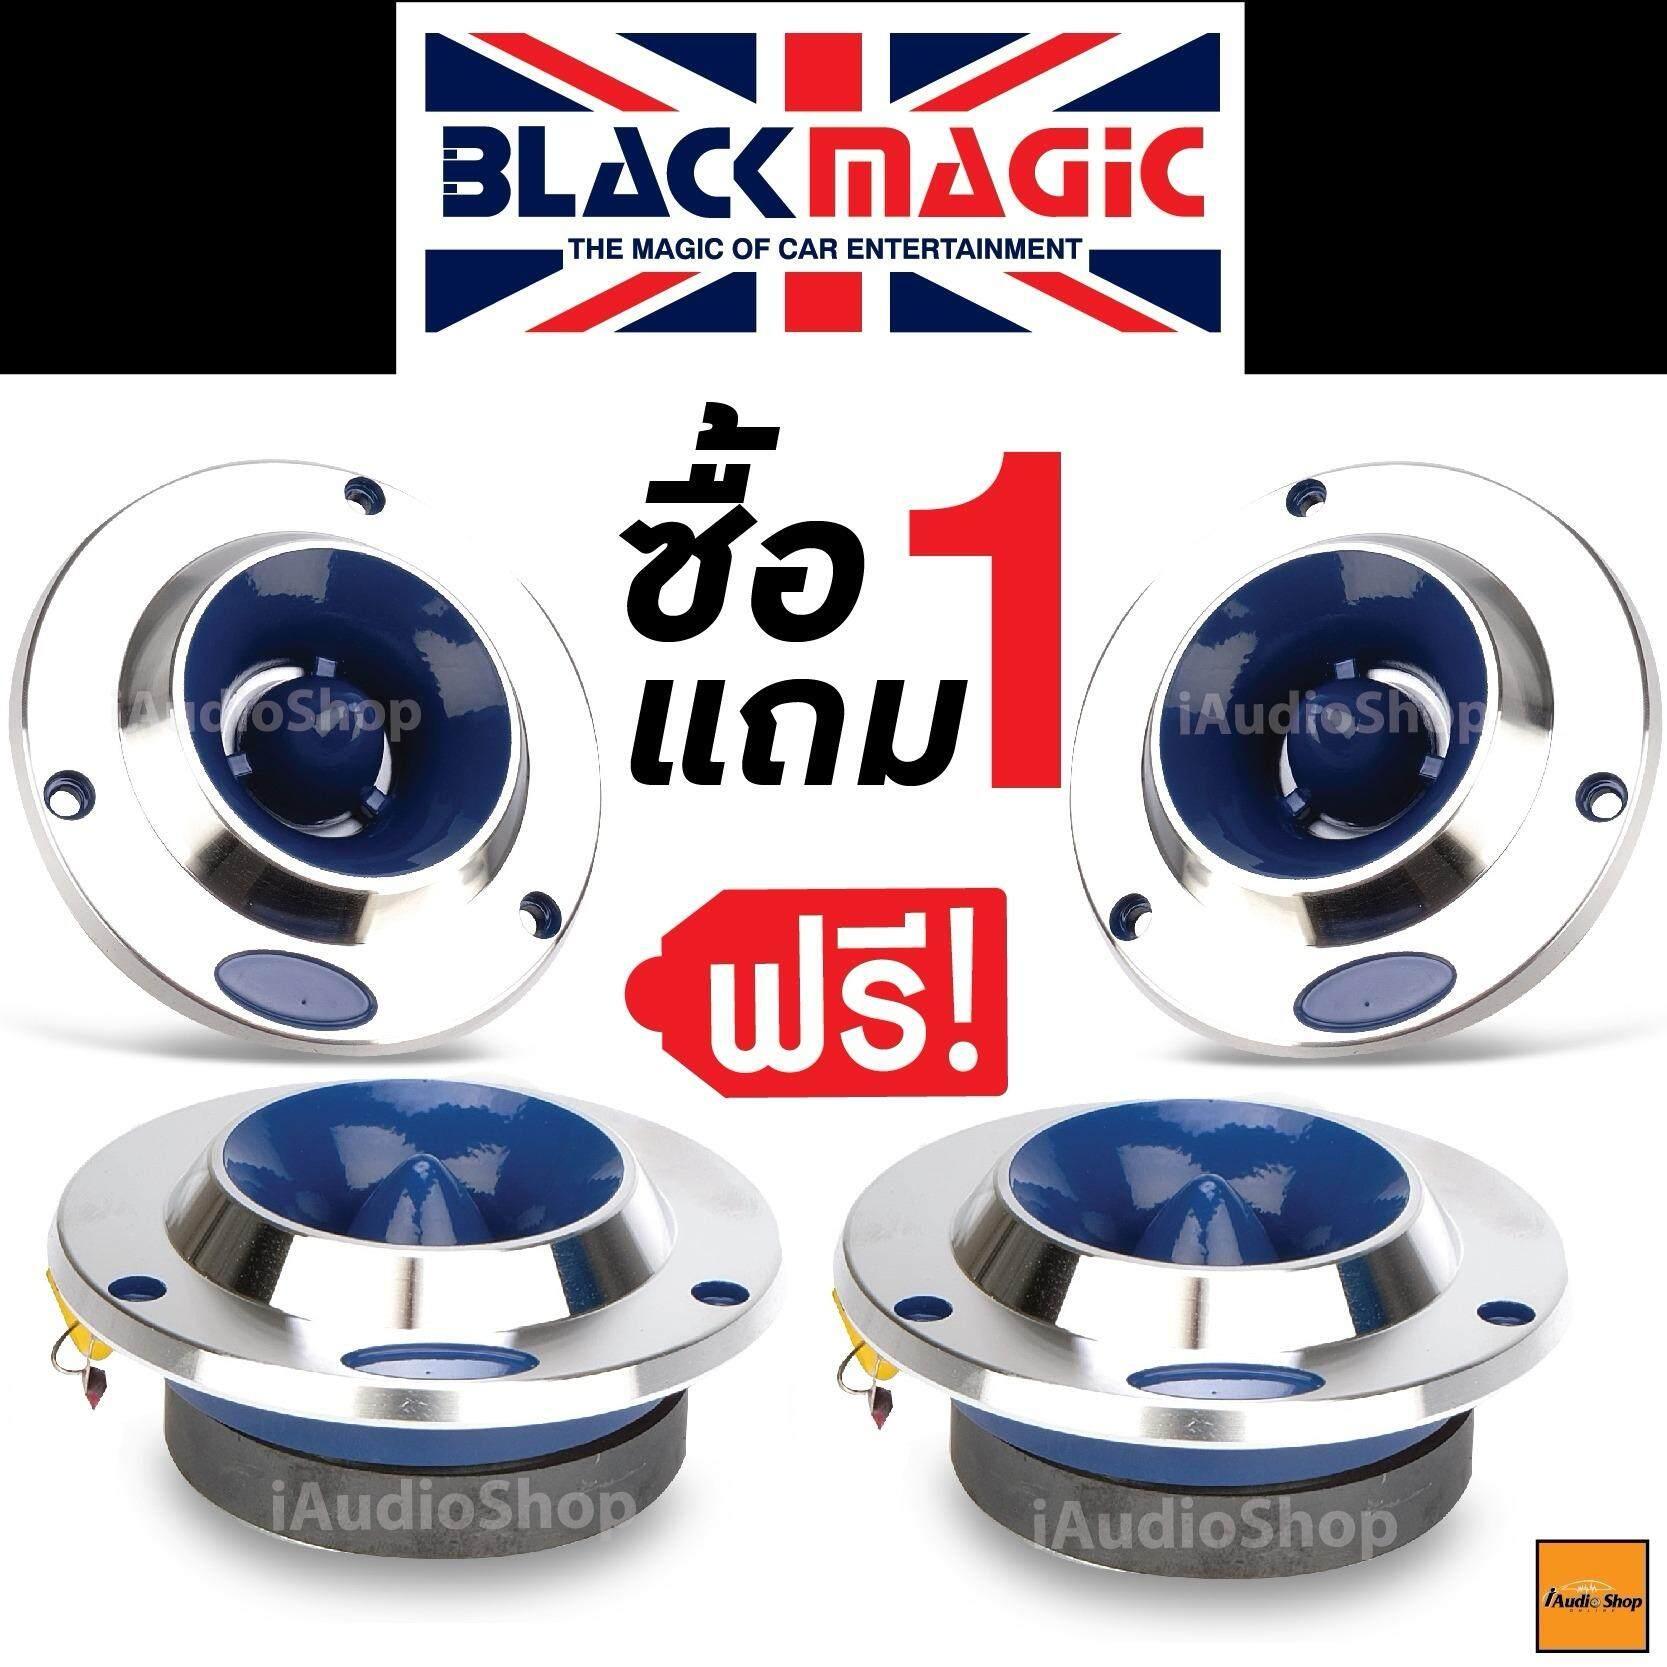 ราคา Black Magic ซื้อ1แถม1 ทวิตเตอร์จาน ทวิตเตอร์ แหลมจาน ขนาด4นิ้ว Bmg 404 จำนวน 1คู่ แถมฟรี ทวิตเตอร์จาน Bmg 404 เพิ่มอีกจำนวน 1คู่ ใน กรุงเทพมหานคร